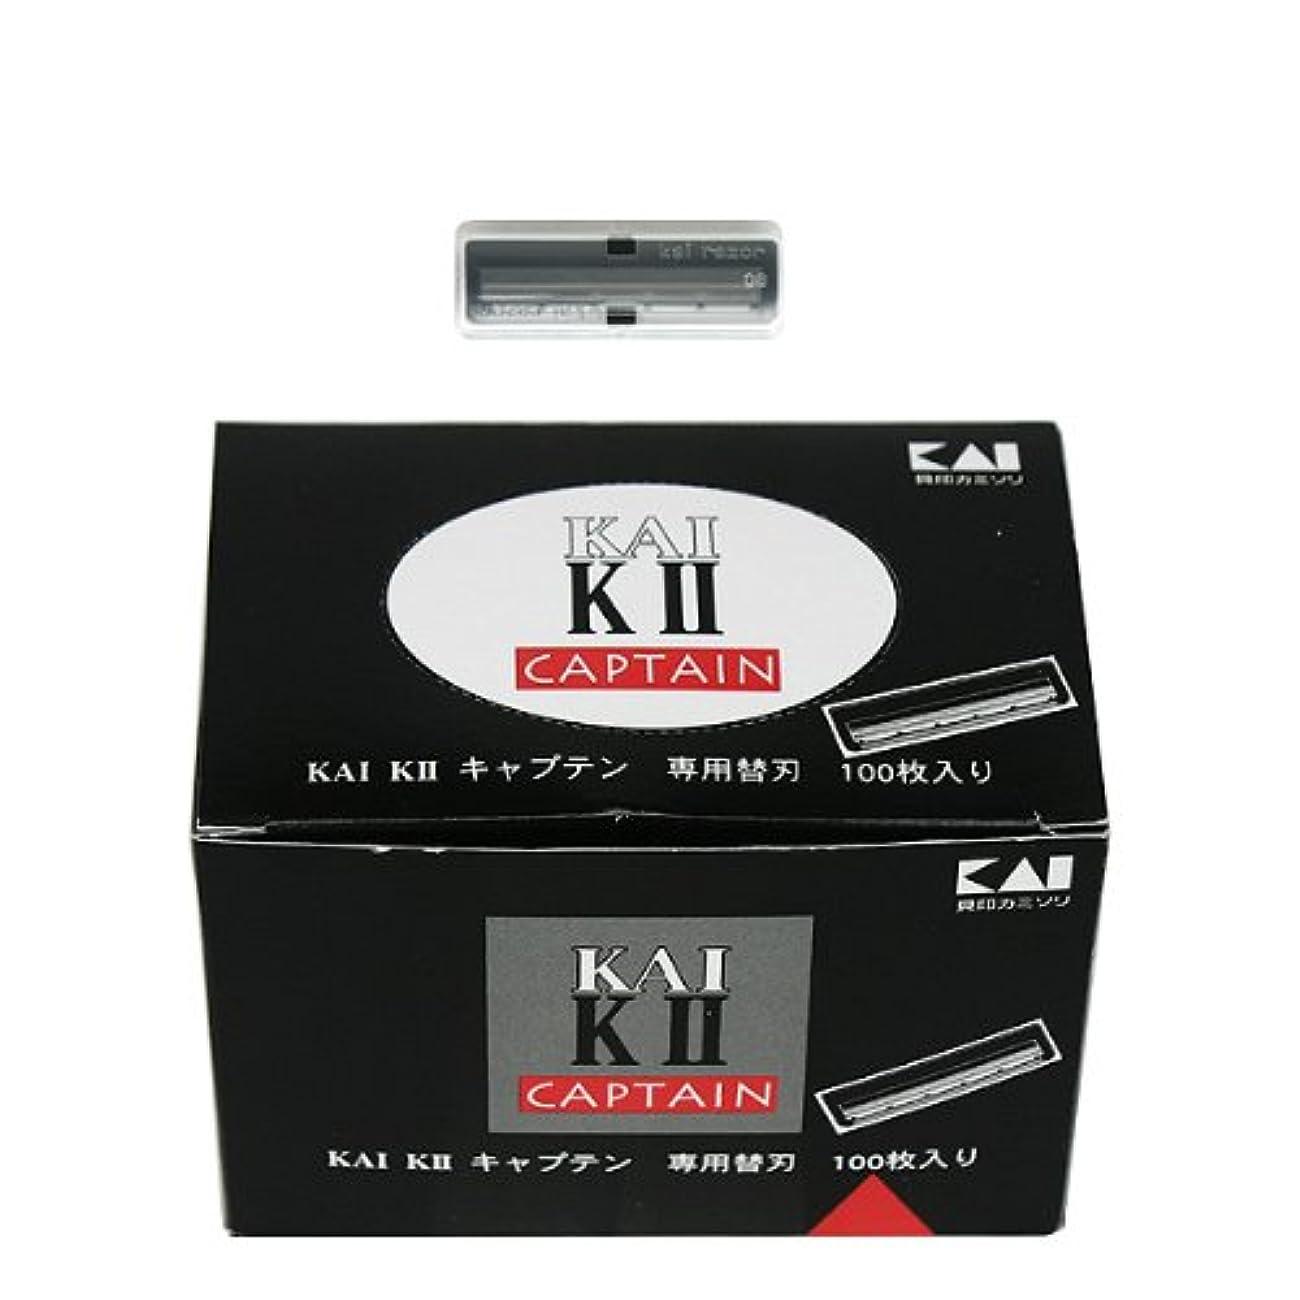 衝動財産宙返り貝印カミソリ KAI K2キャプテン 専用替刃 BーCAP 100枚入